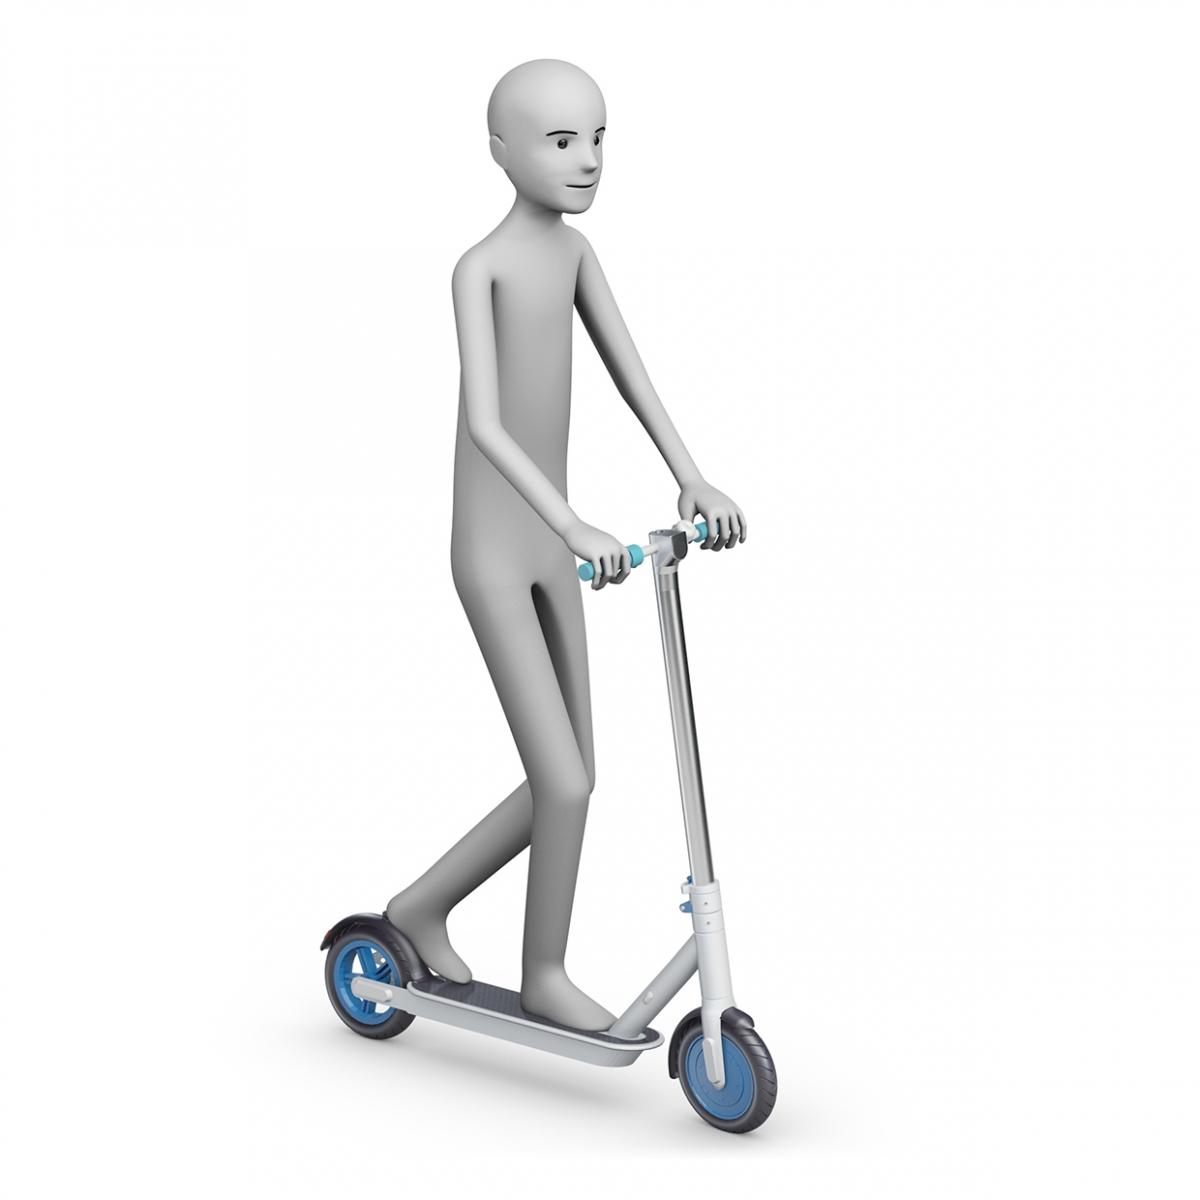 Imagen en la que se ve a una persona montando en patinete